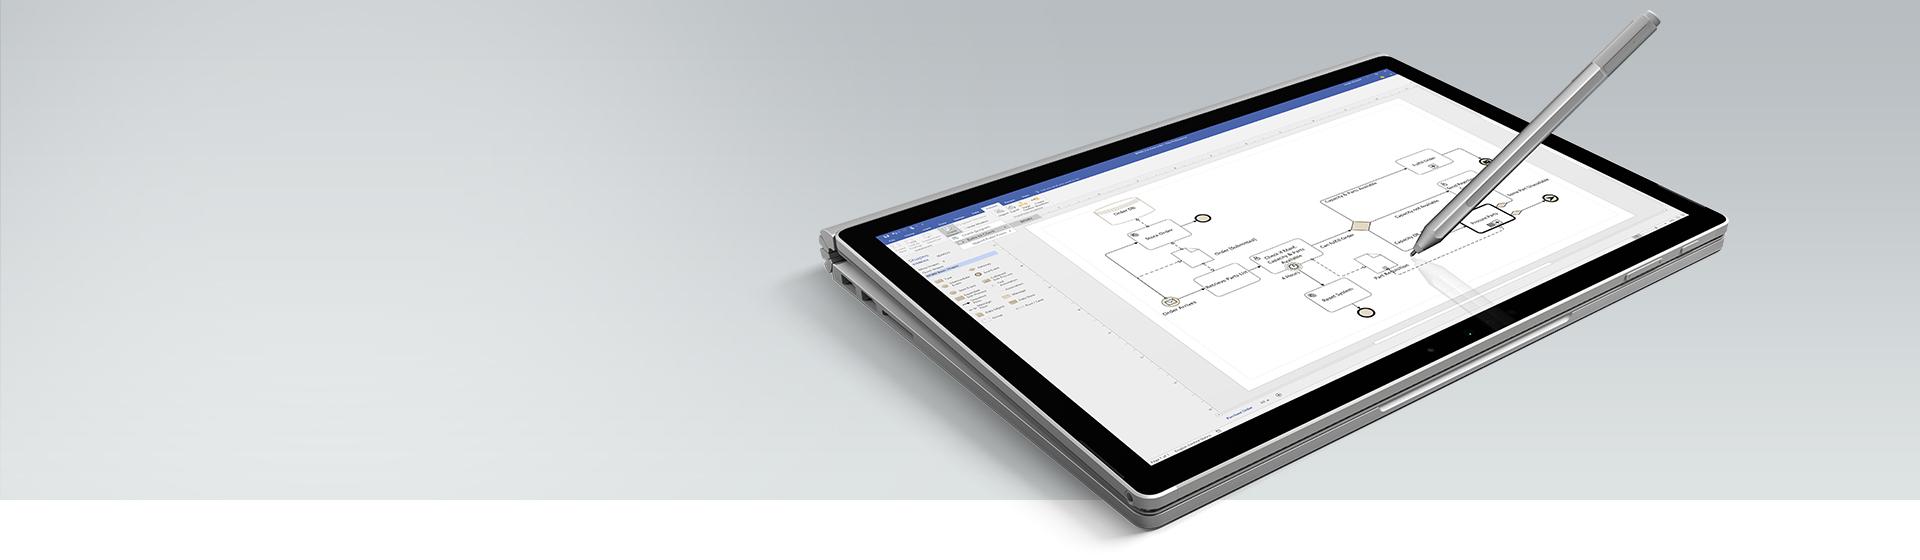 Microsoft Surface'i tahvelarvuti ekraan, millel on kuvatud Visio protsessiskeem